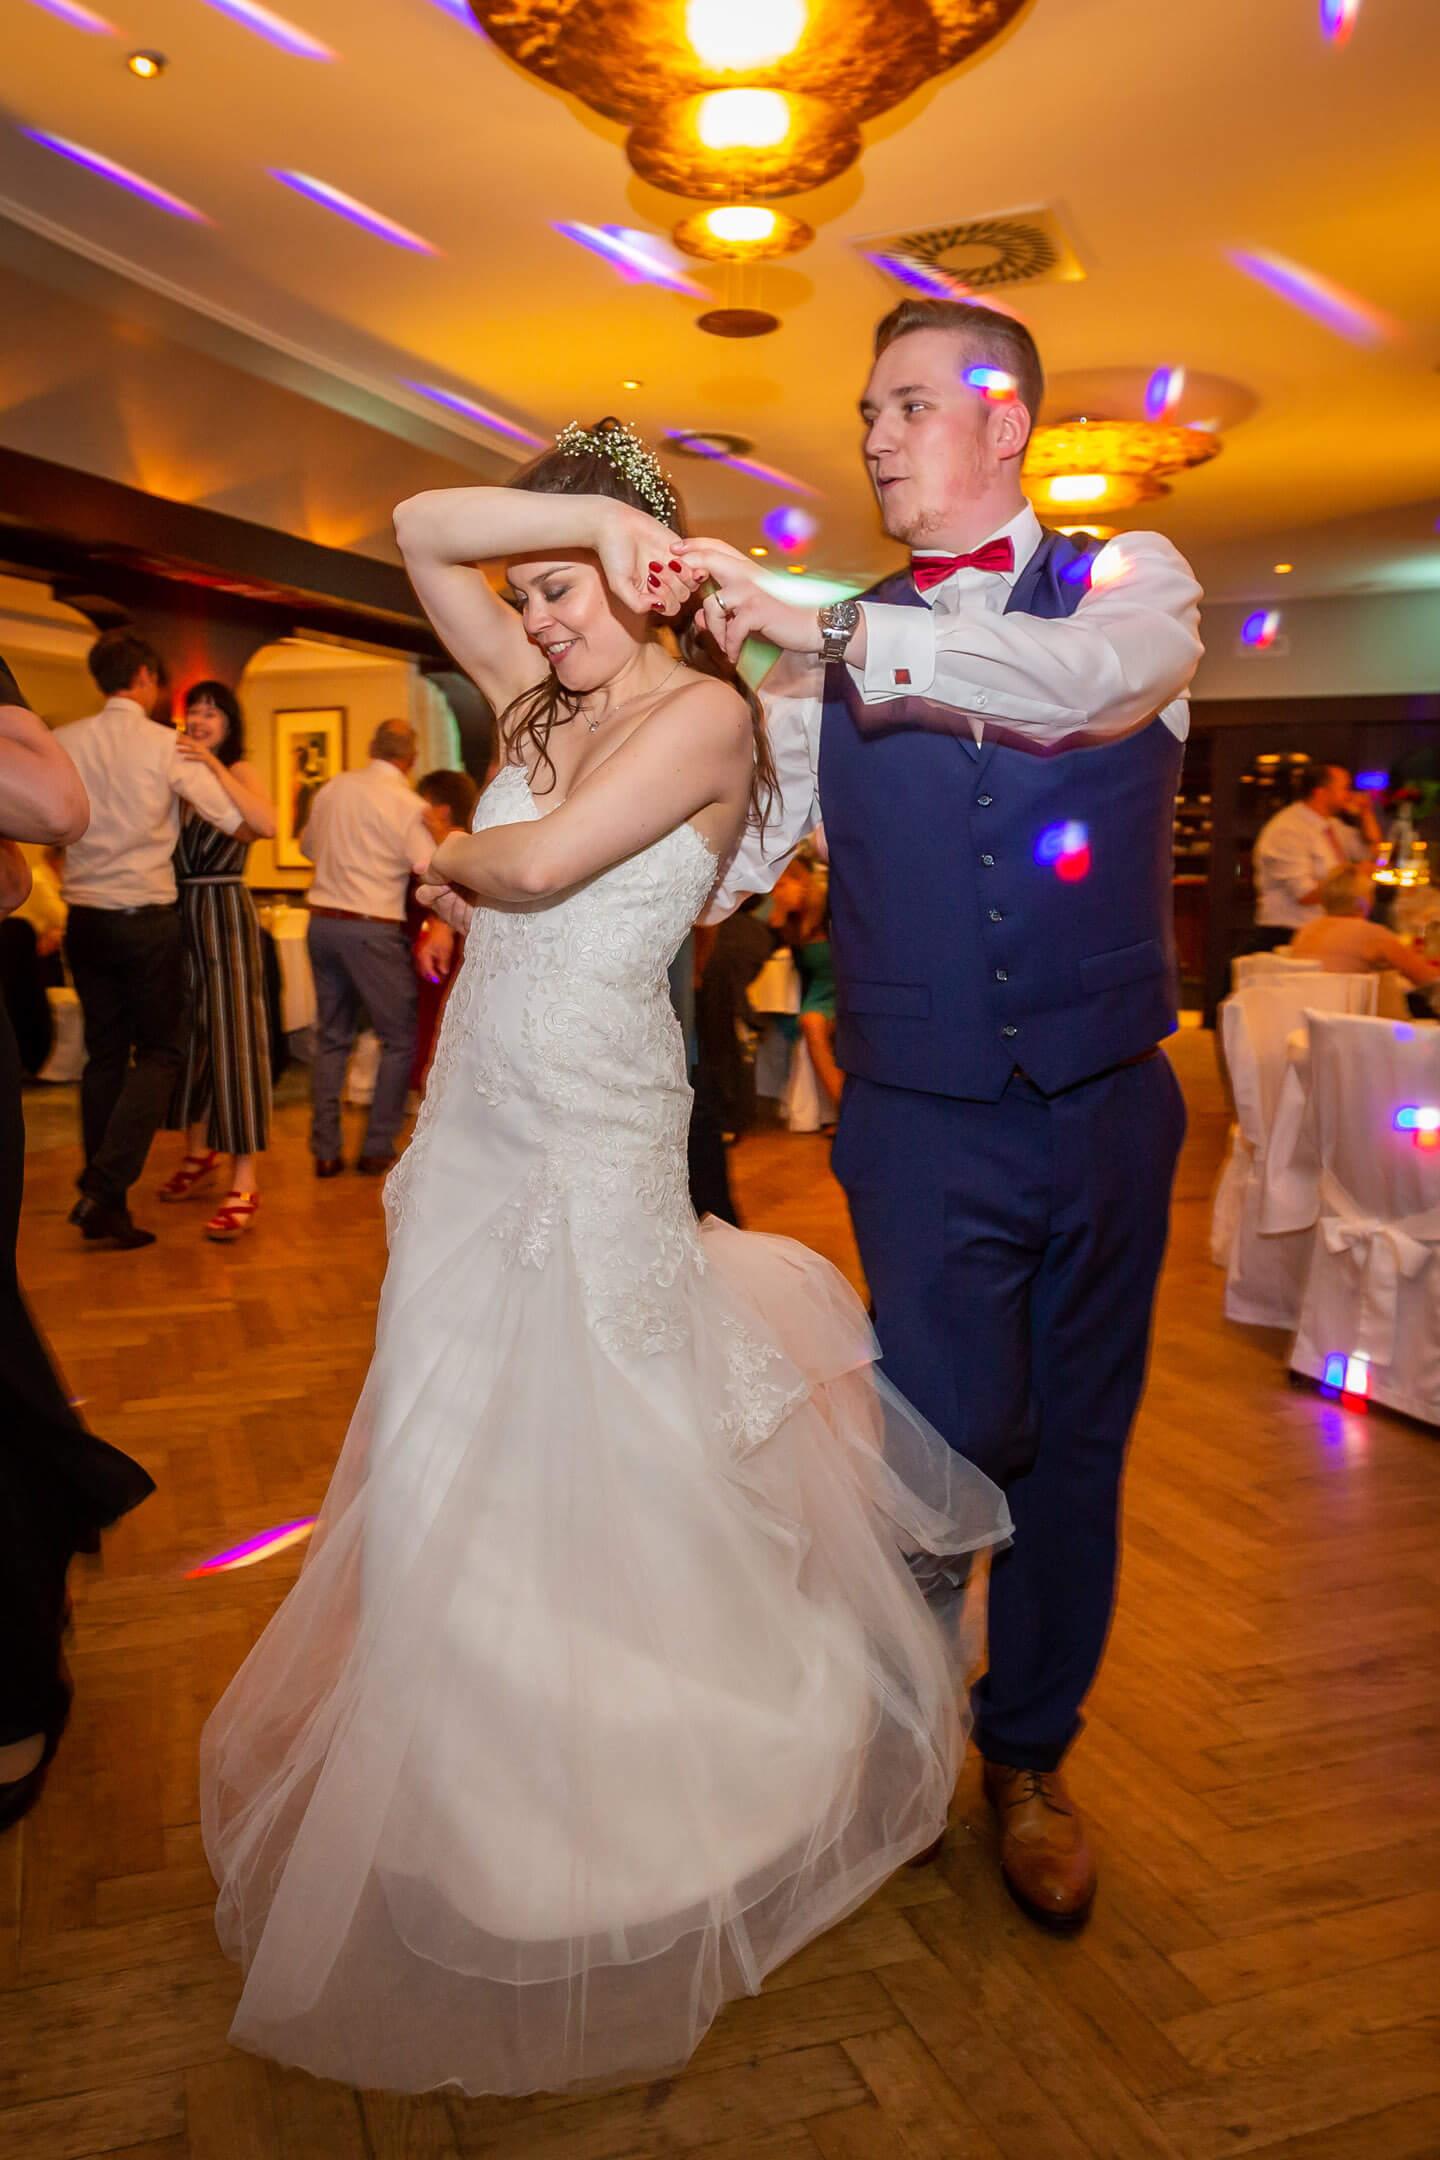 Brautpaar auf der Tanzfläche